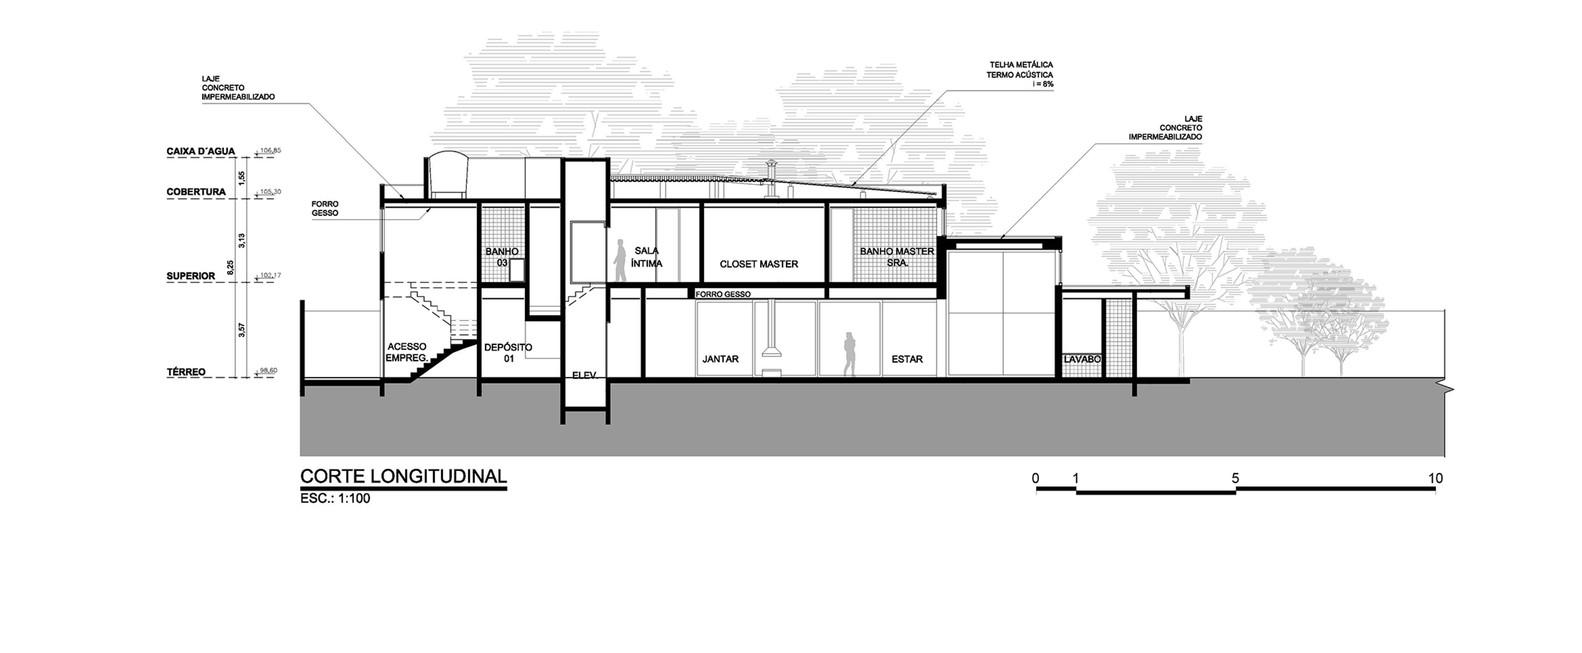 Morumbi Residence,Section